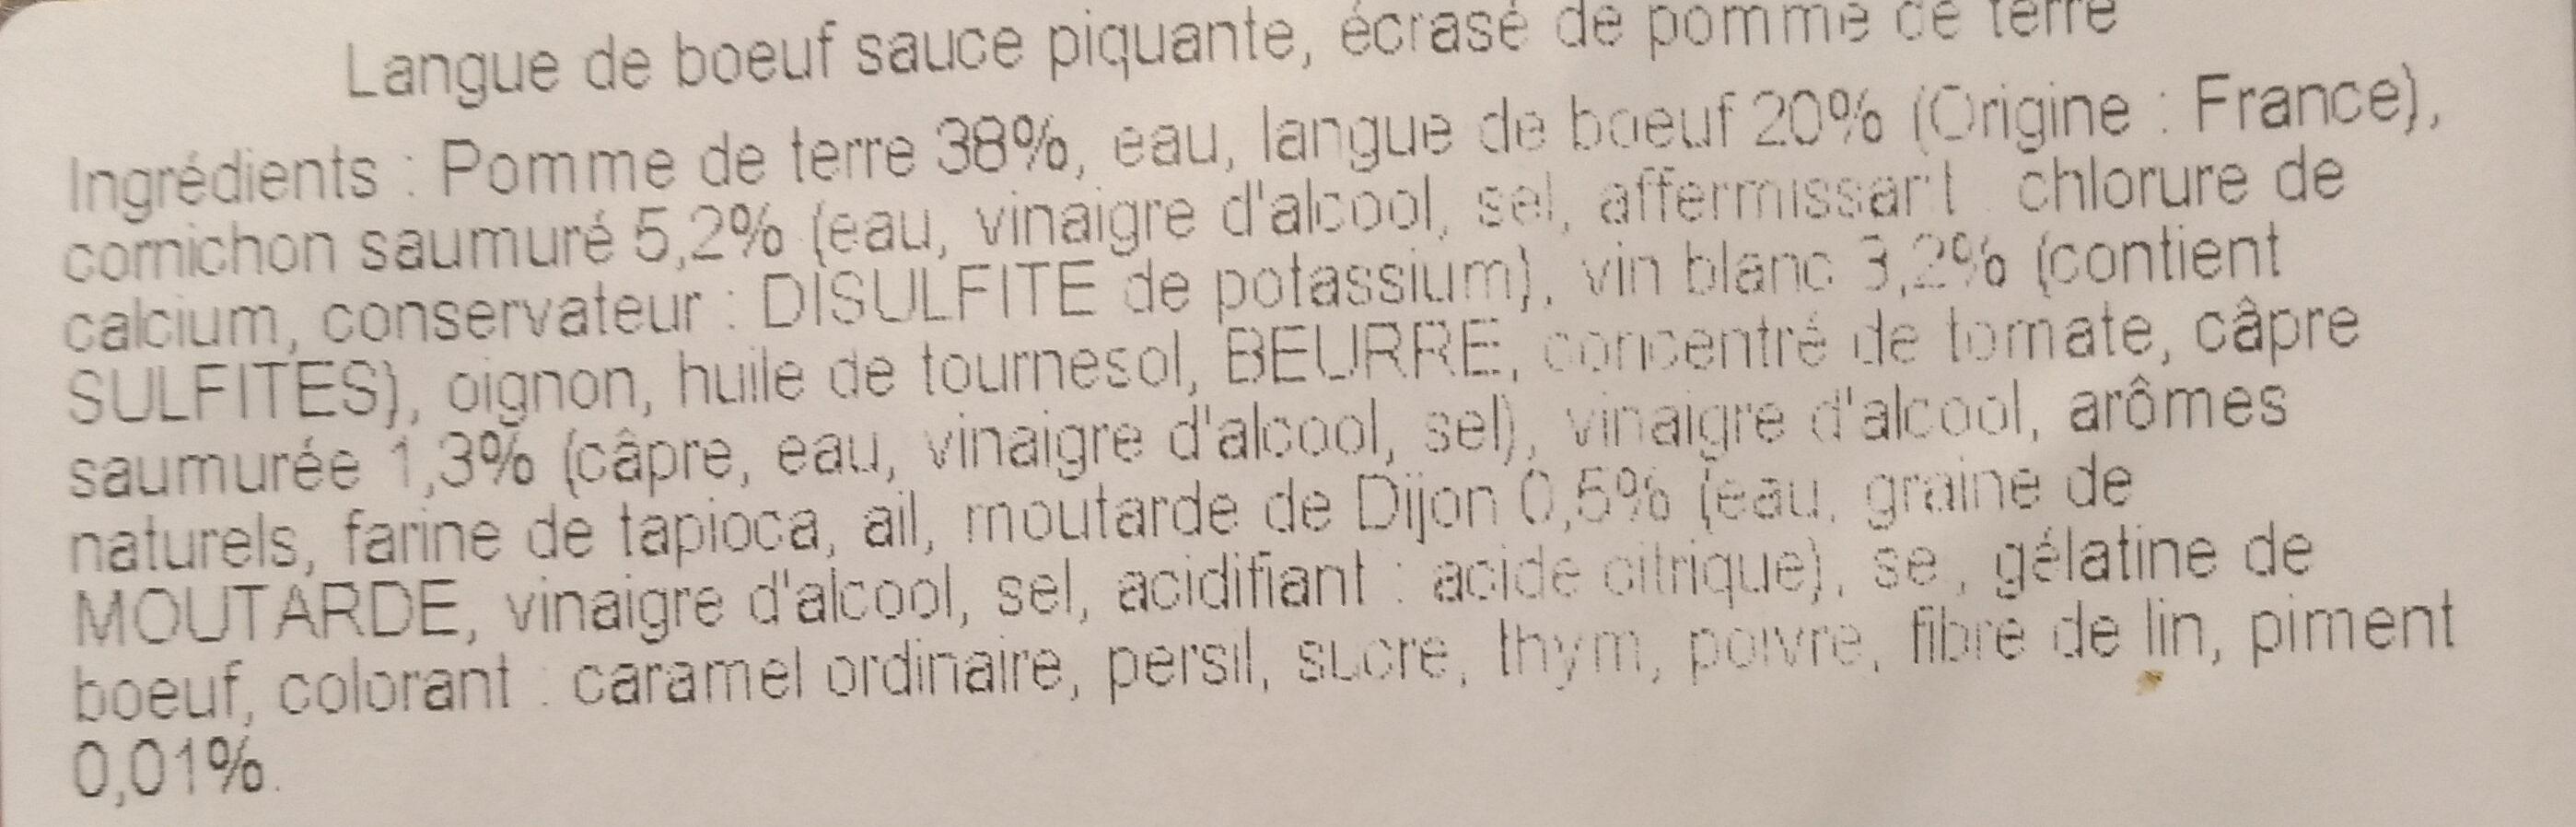 Langue de boeuf sauce piquante - Ingrédients - fr